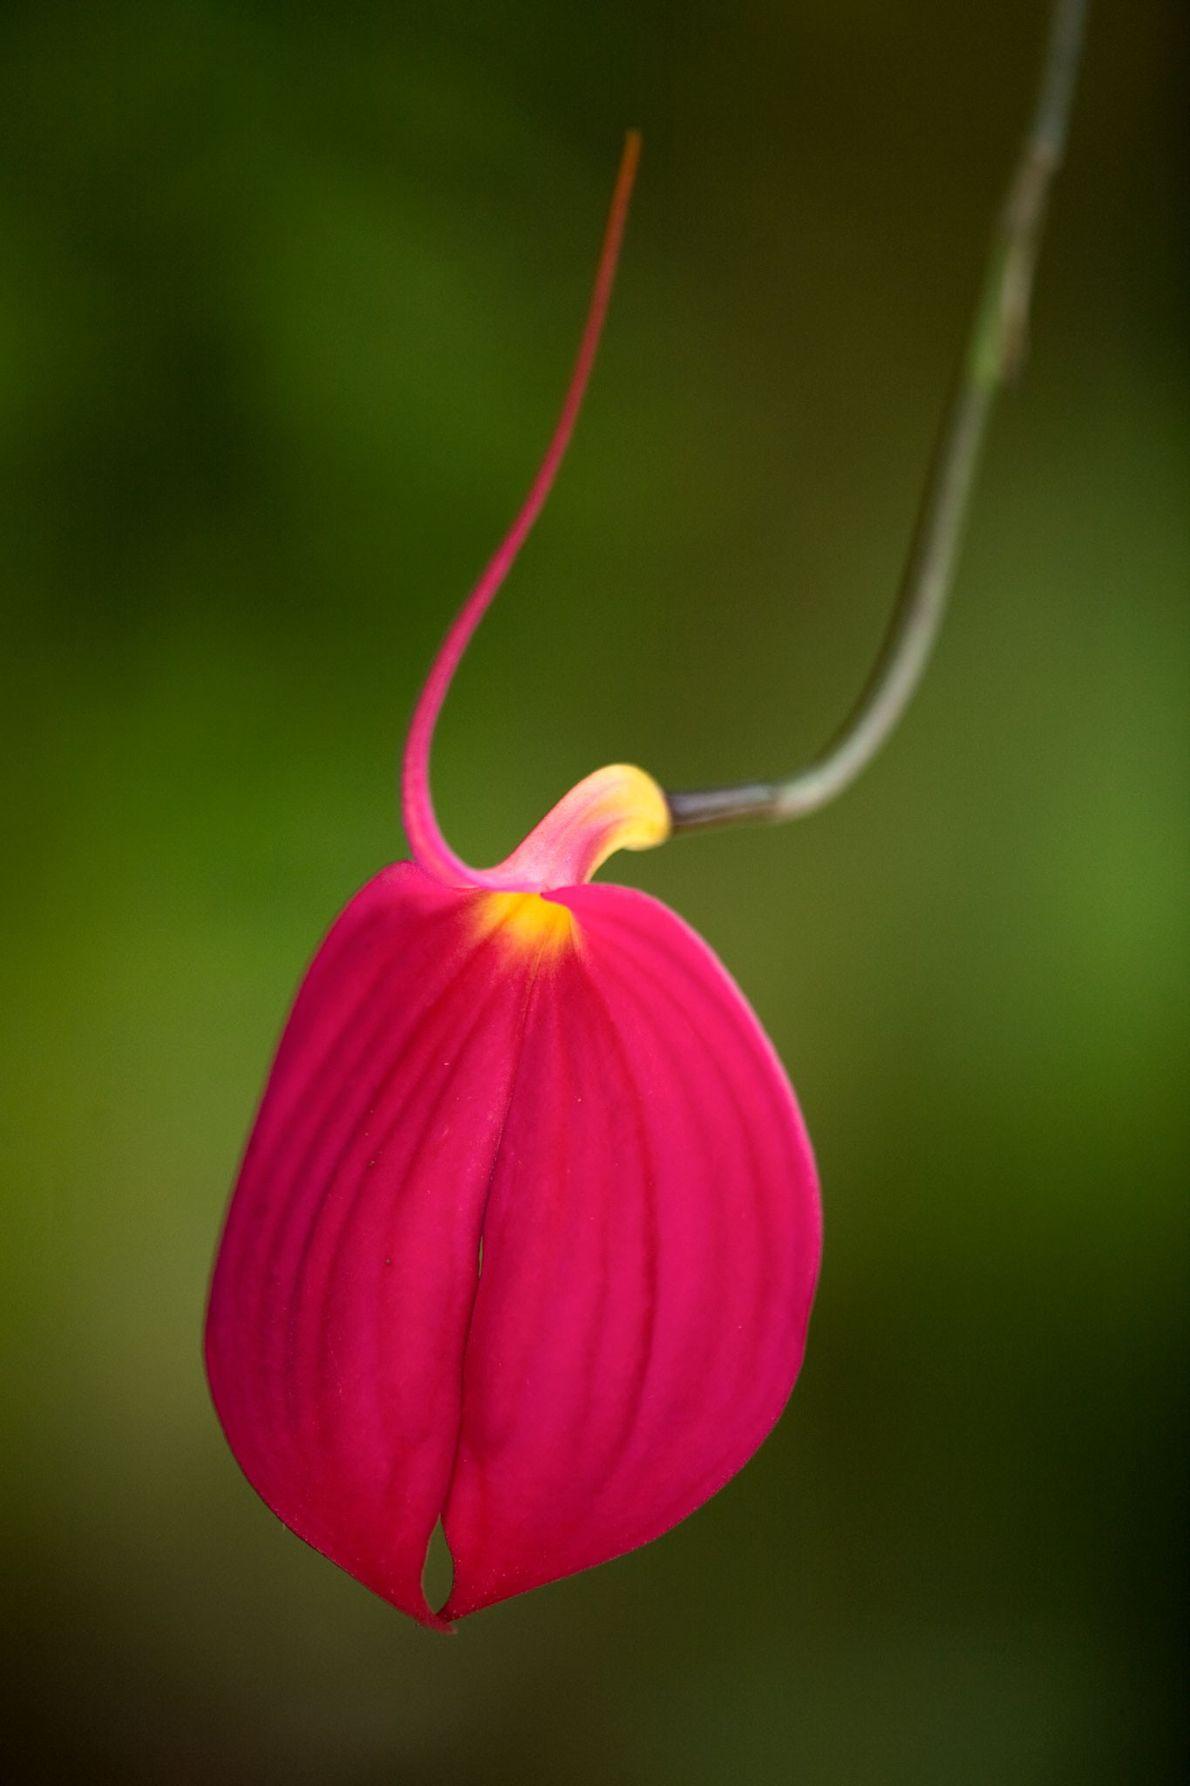 Les pétales couleur fuchsia de l'orchidée Masdevallia attirent les amateurs d'orchidées.